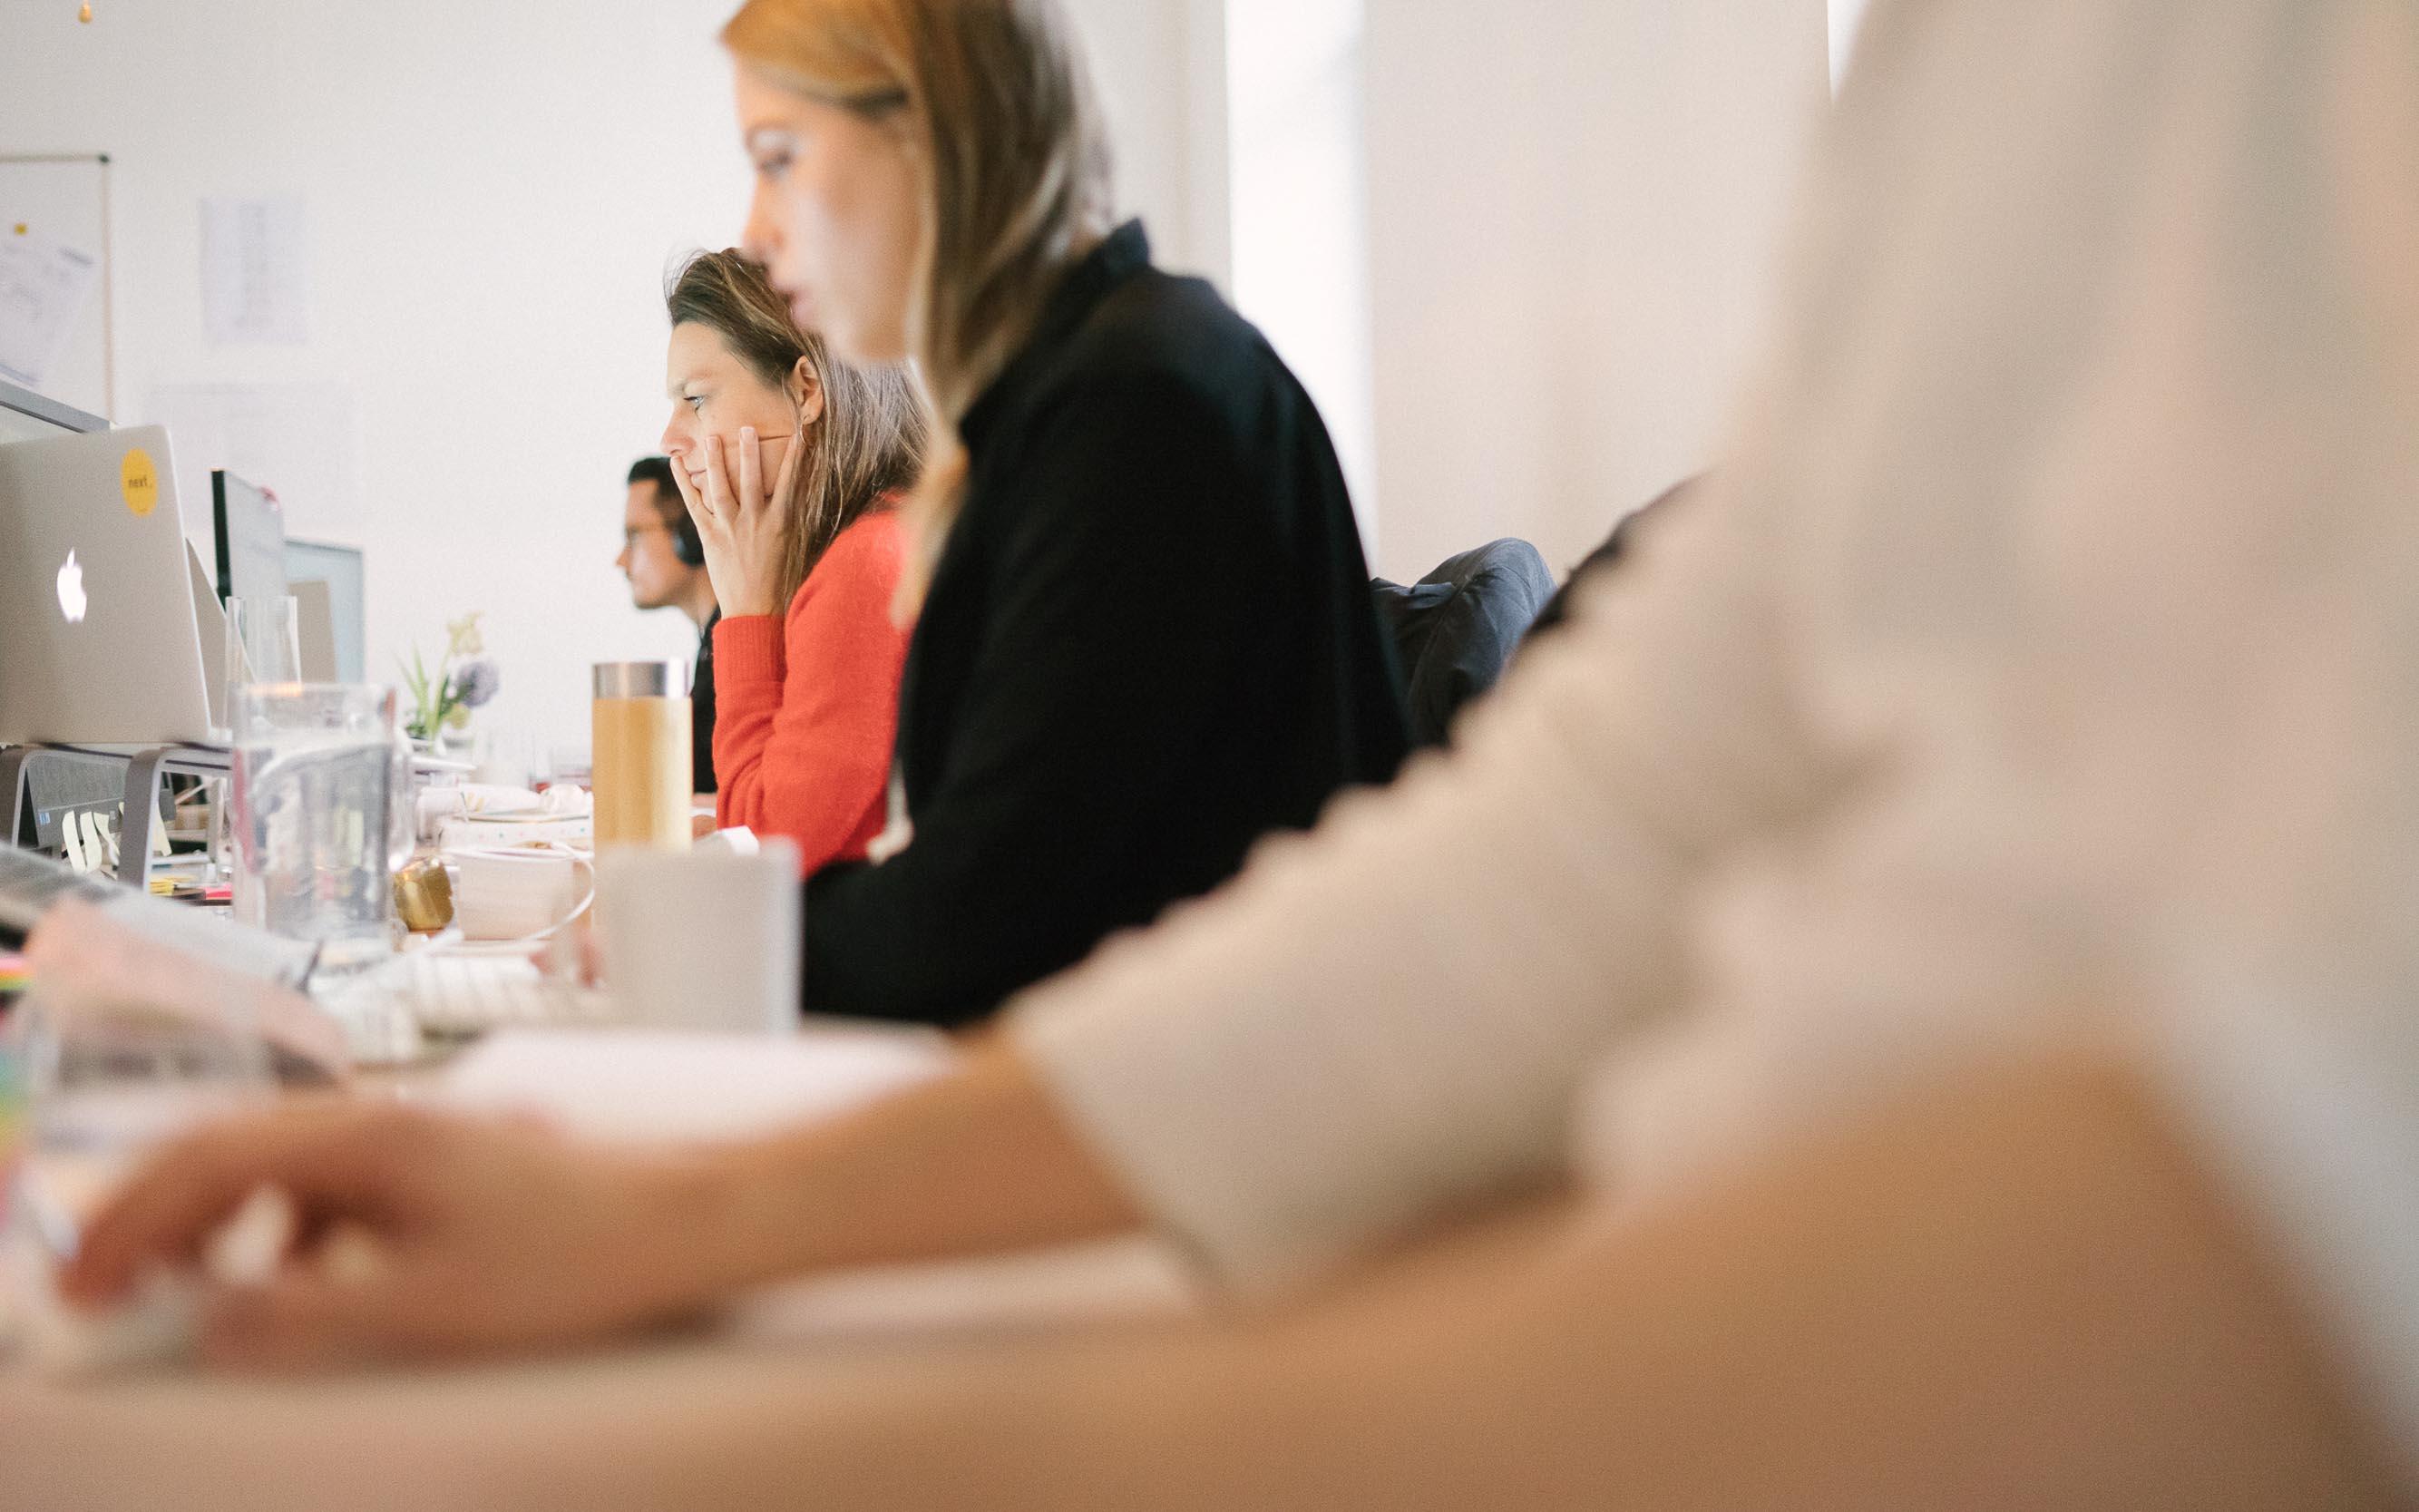 In unserer Frankfurter Agentur für Public Relations next arbeiten Experten im Bereich des Social-Media-Influencing an kreativen Konzepten.